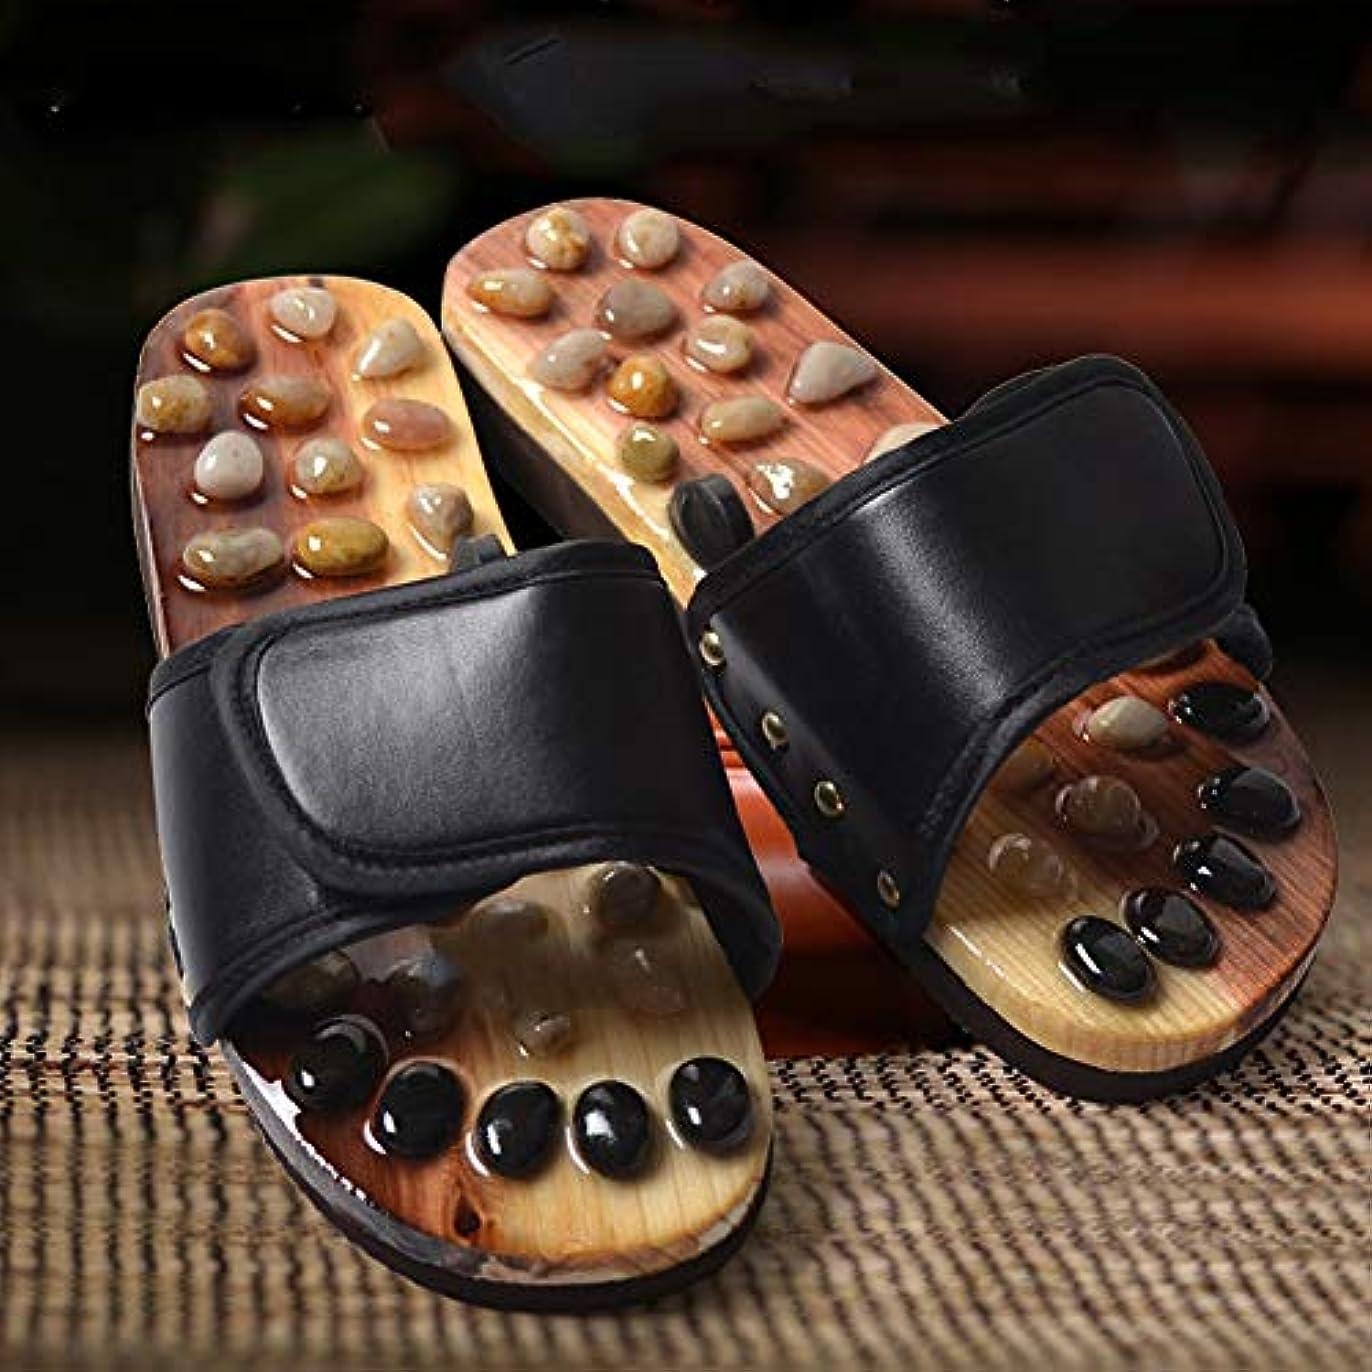 対称割り当てる居心地の良いマッサージスリッパナチュラル玉石指圧マッサージ足底筋膜炎関節痛滑り止め足ツボ健康マッサージ靴ユニセックス,Black,43